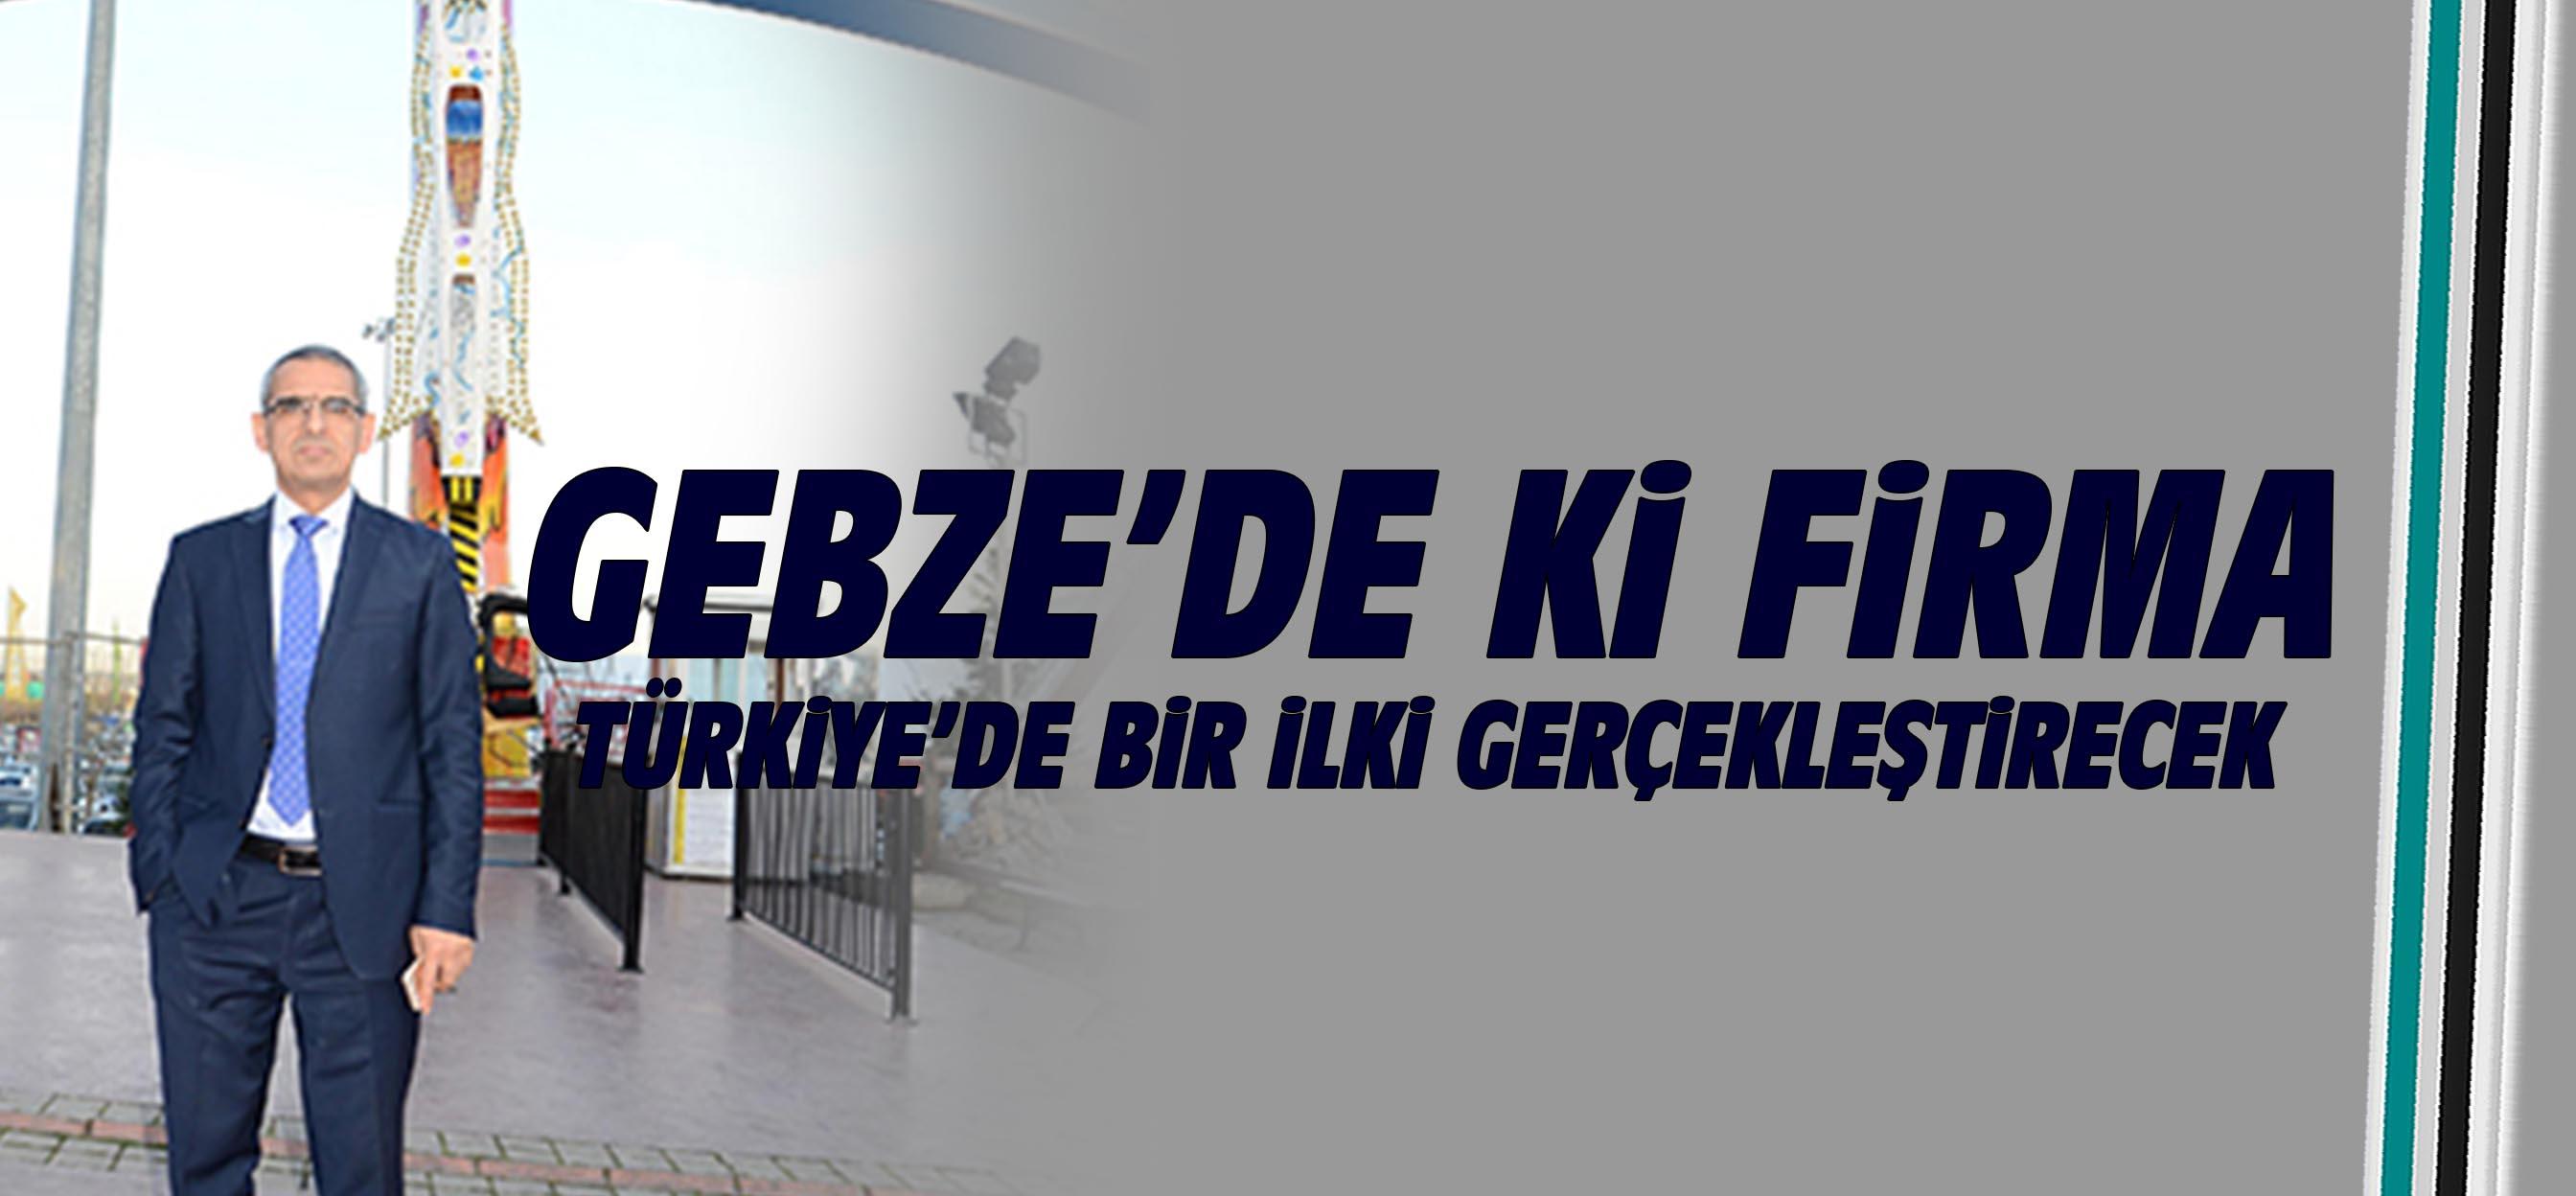 Türkiye'nin ilki gerçekleştirecek